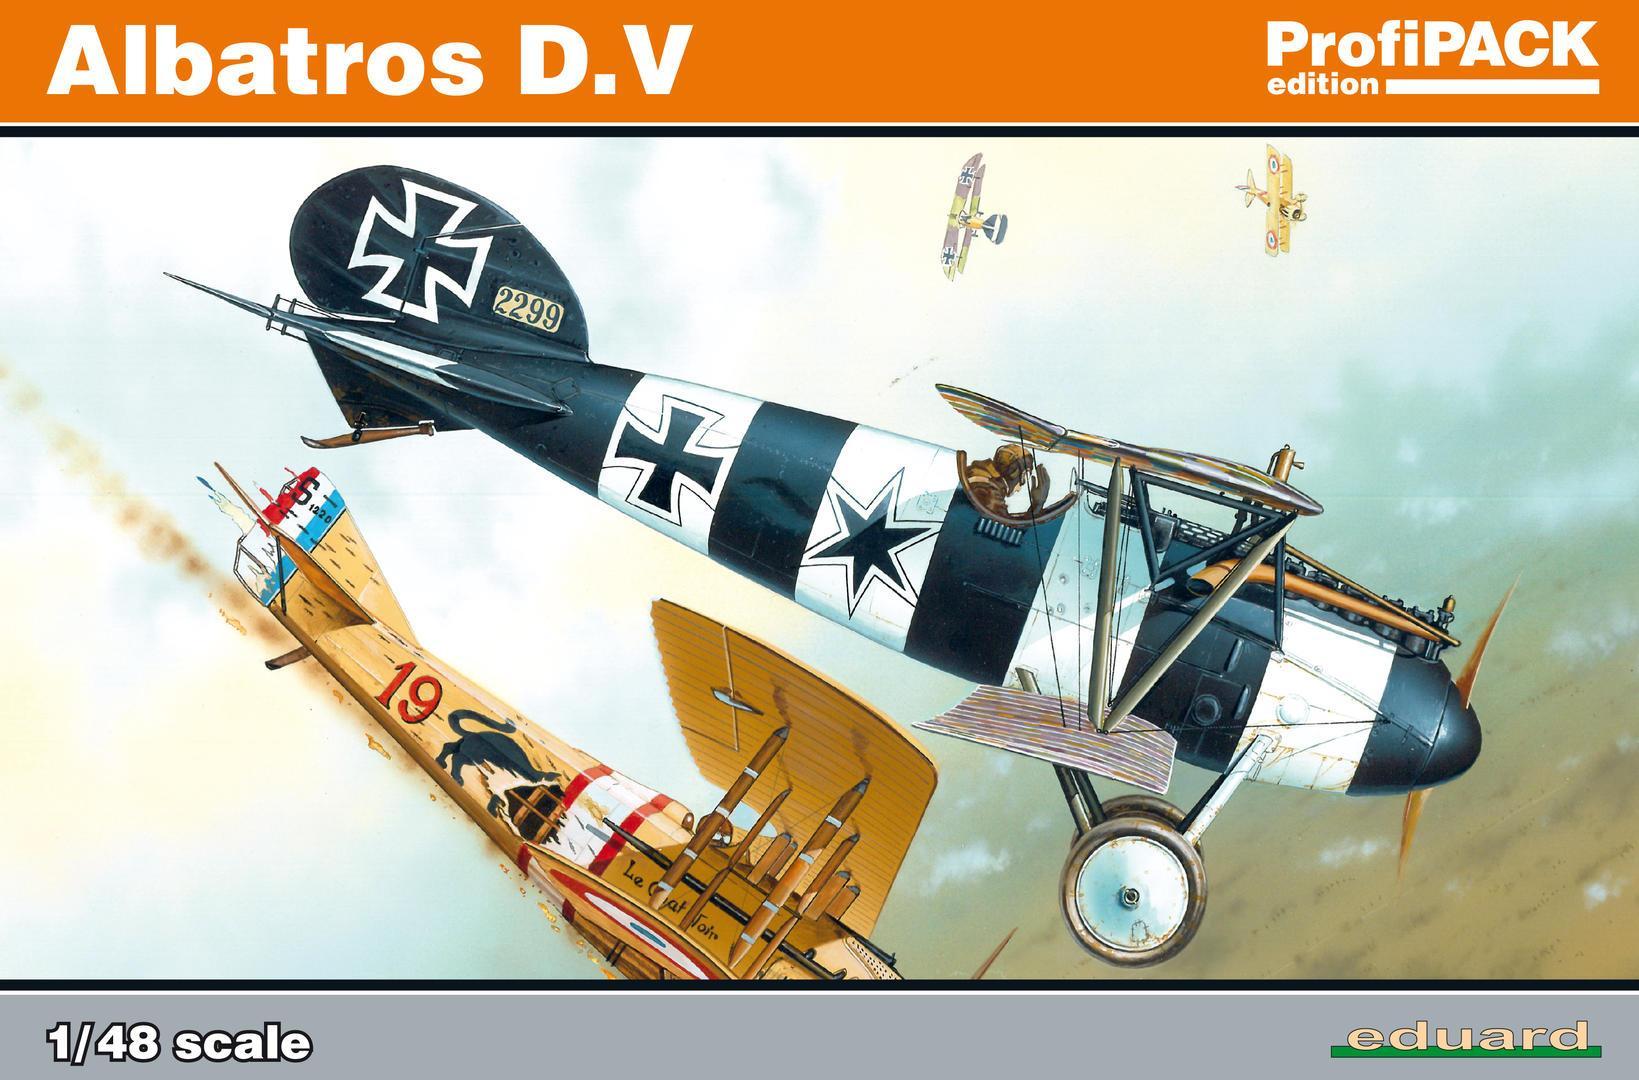 1/48 Albatros D.V. Profipack Edition